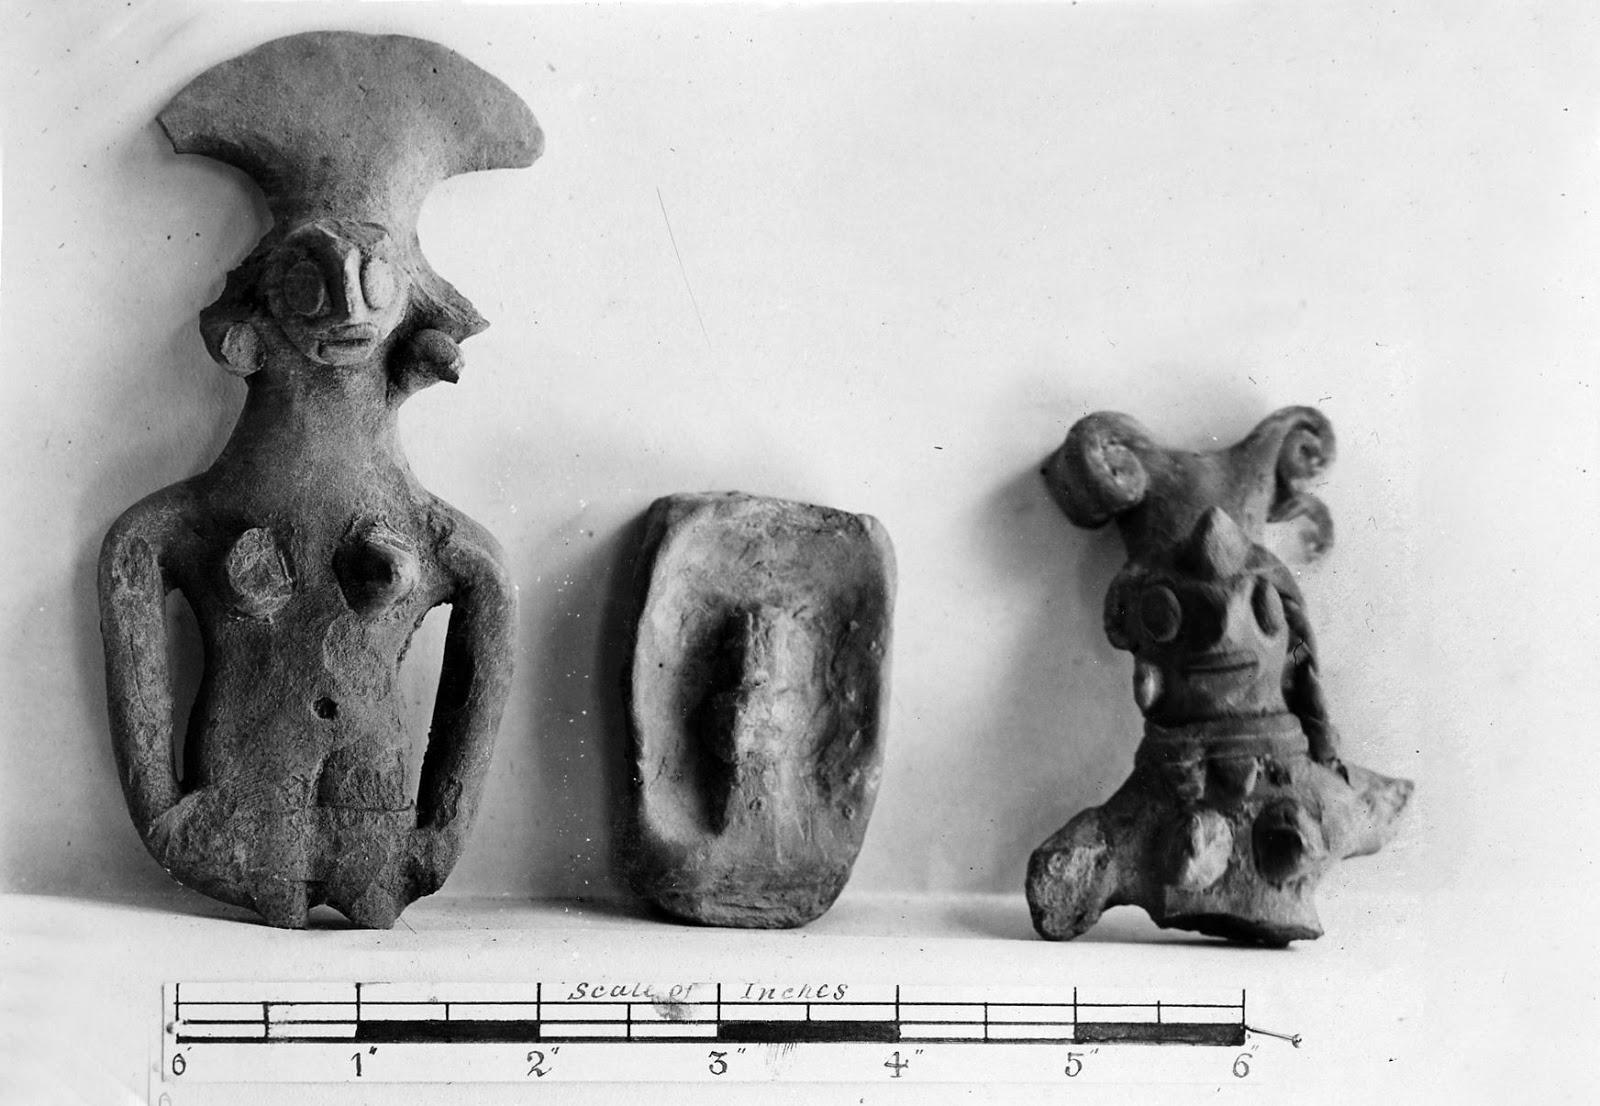 मानव की मिट्टी की मूर्तियां